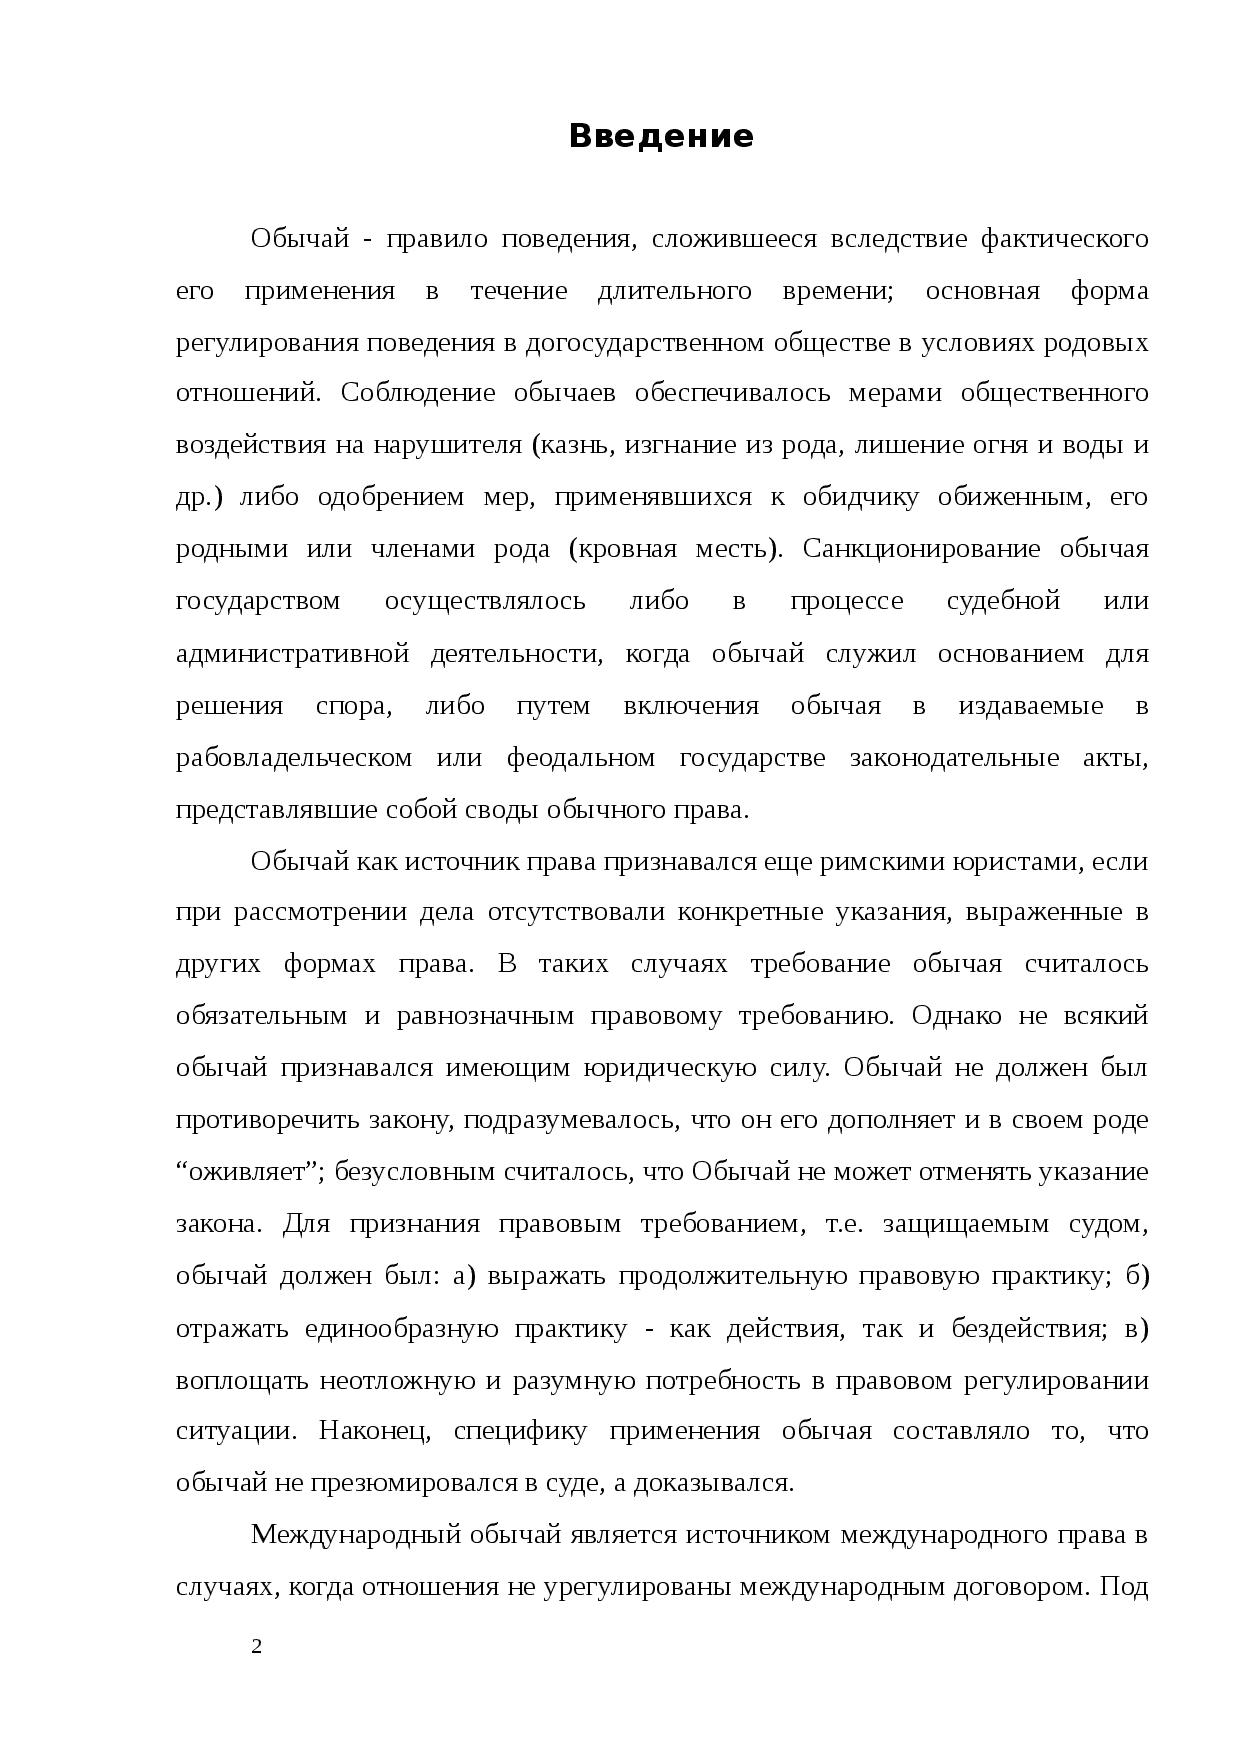 Правовой обычай как источник права